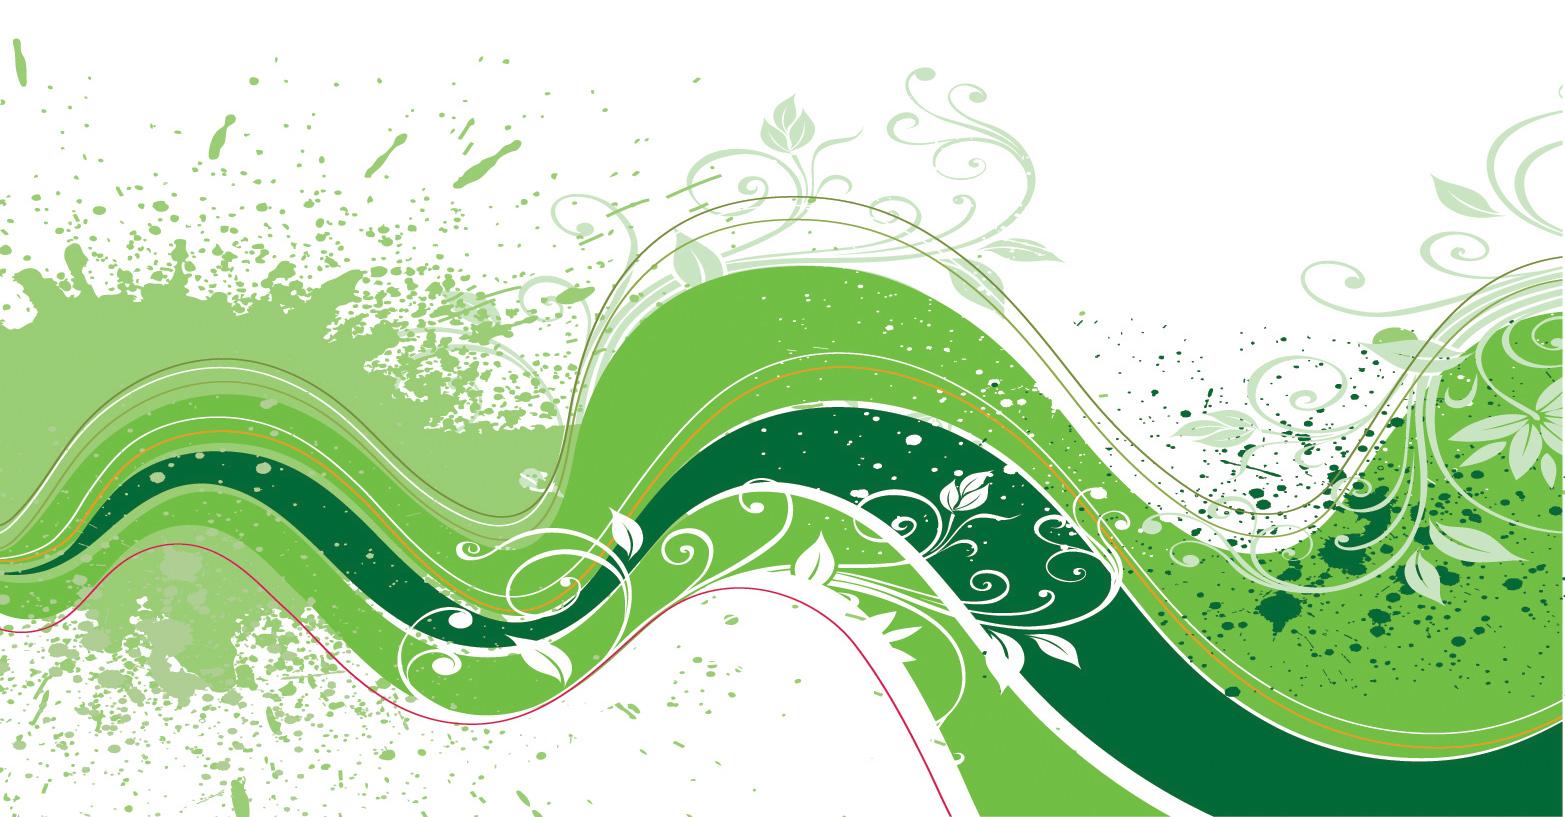 greenwave smoothies greenwavesmoothie pops